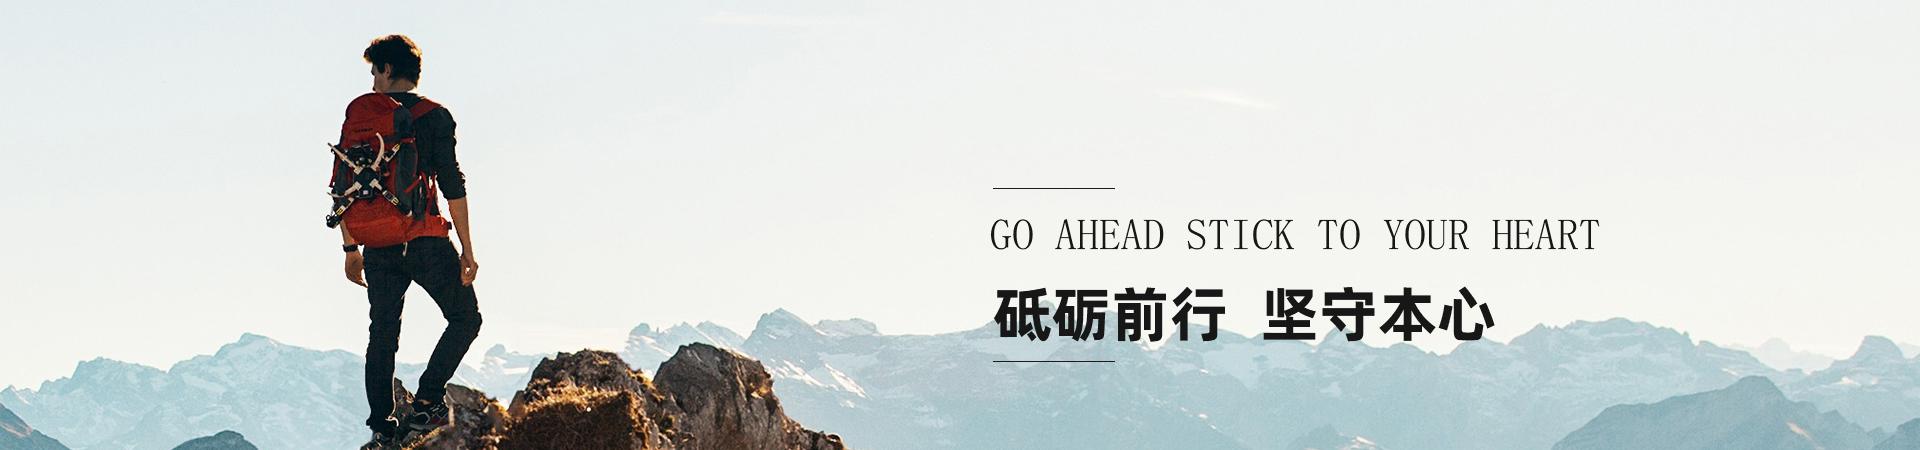 http://www.gzhsdt.cn/data/upload/202007/20200725085721_708.jpg